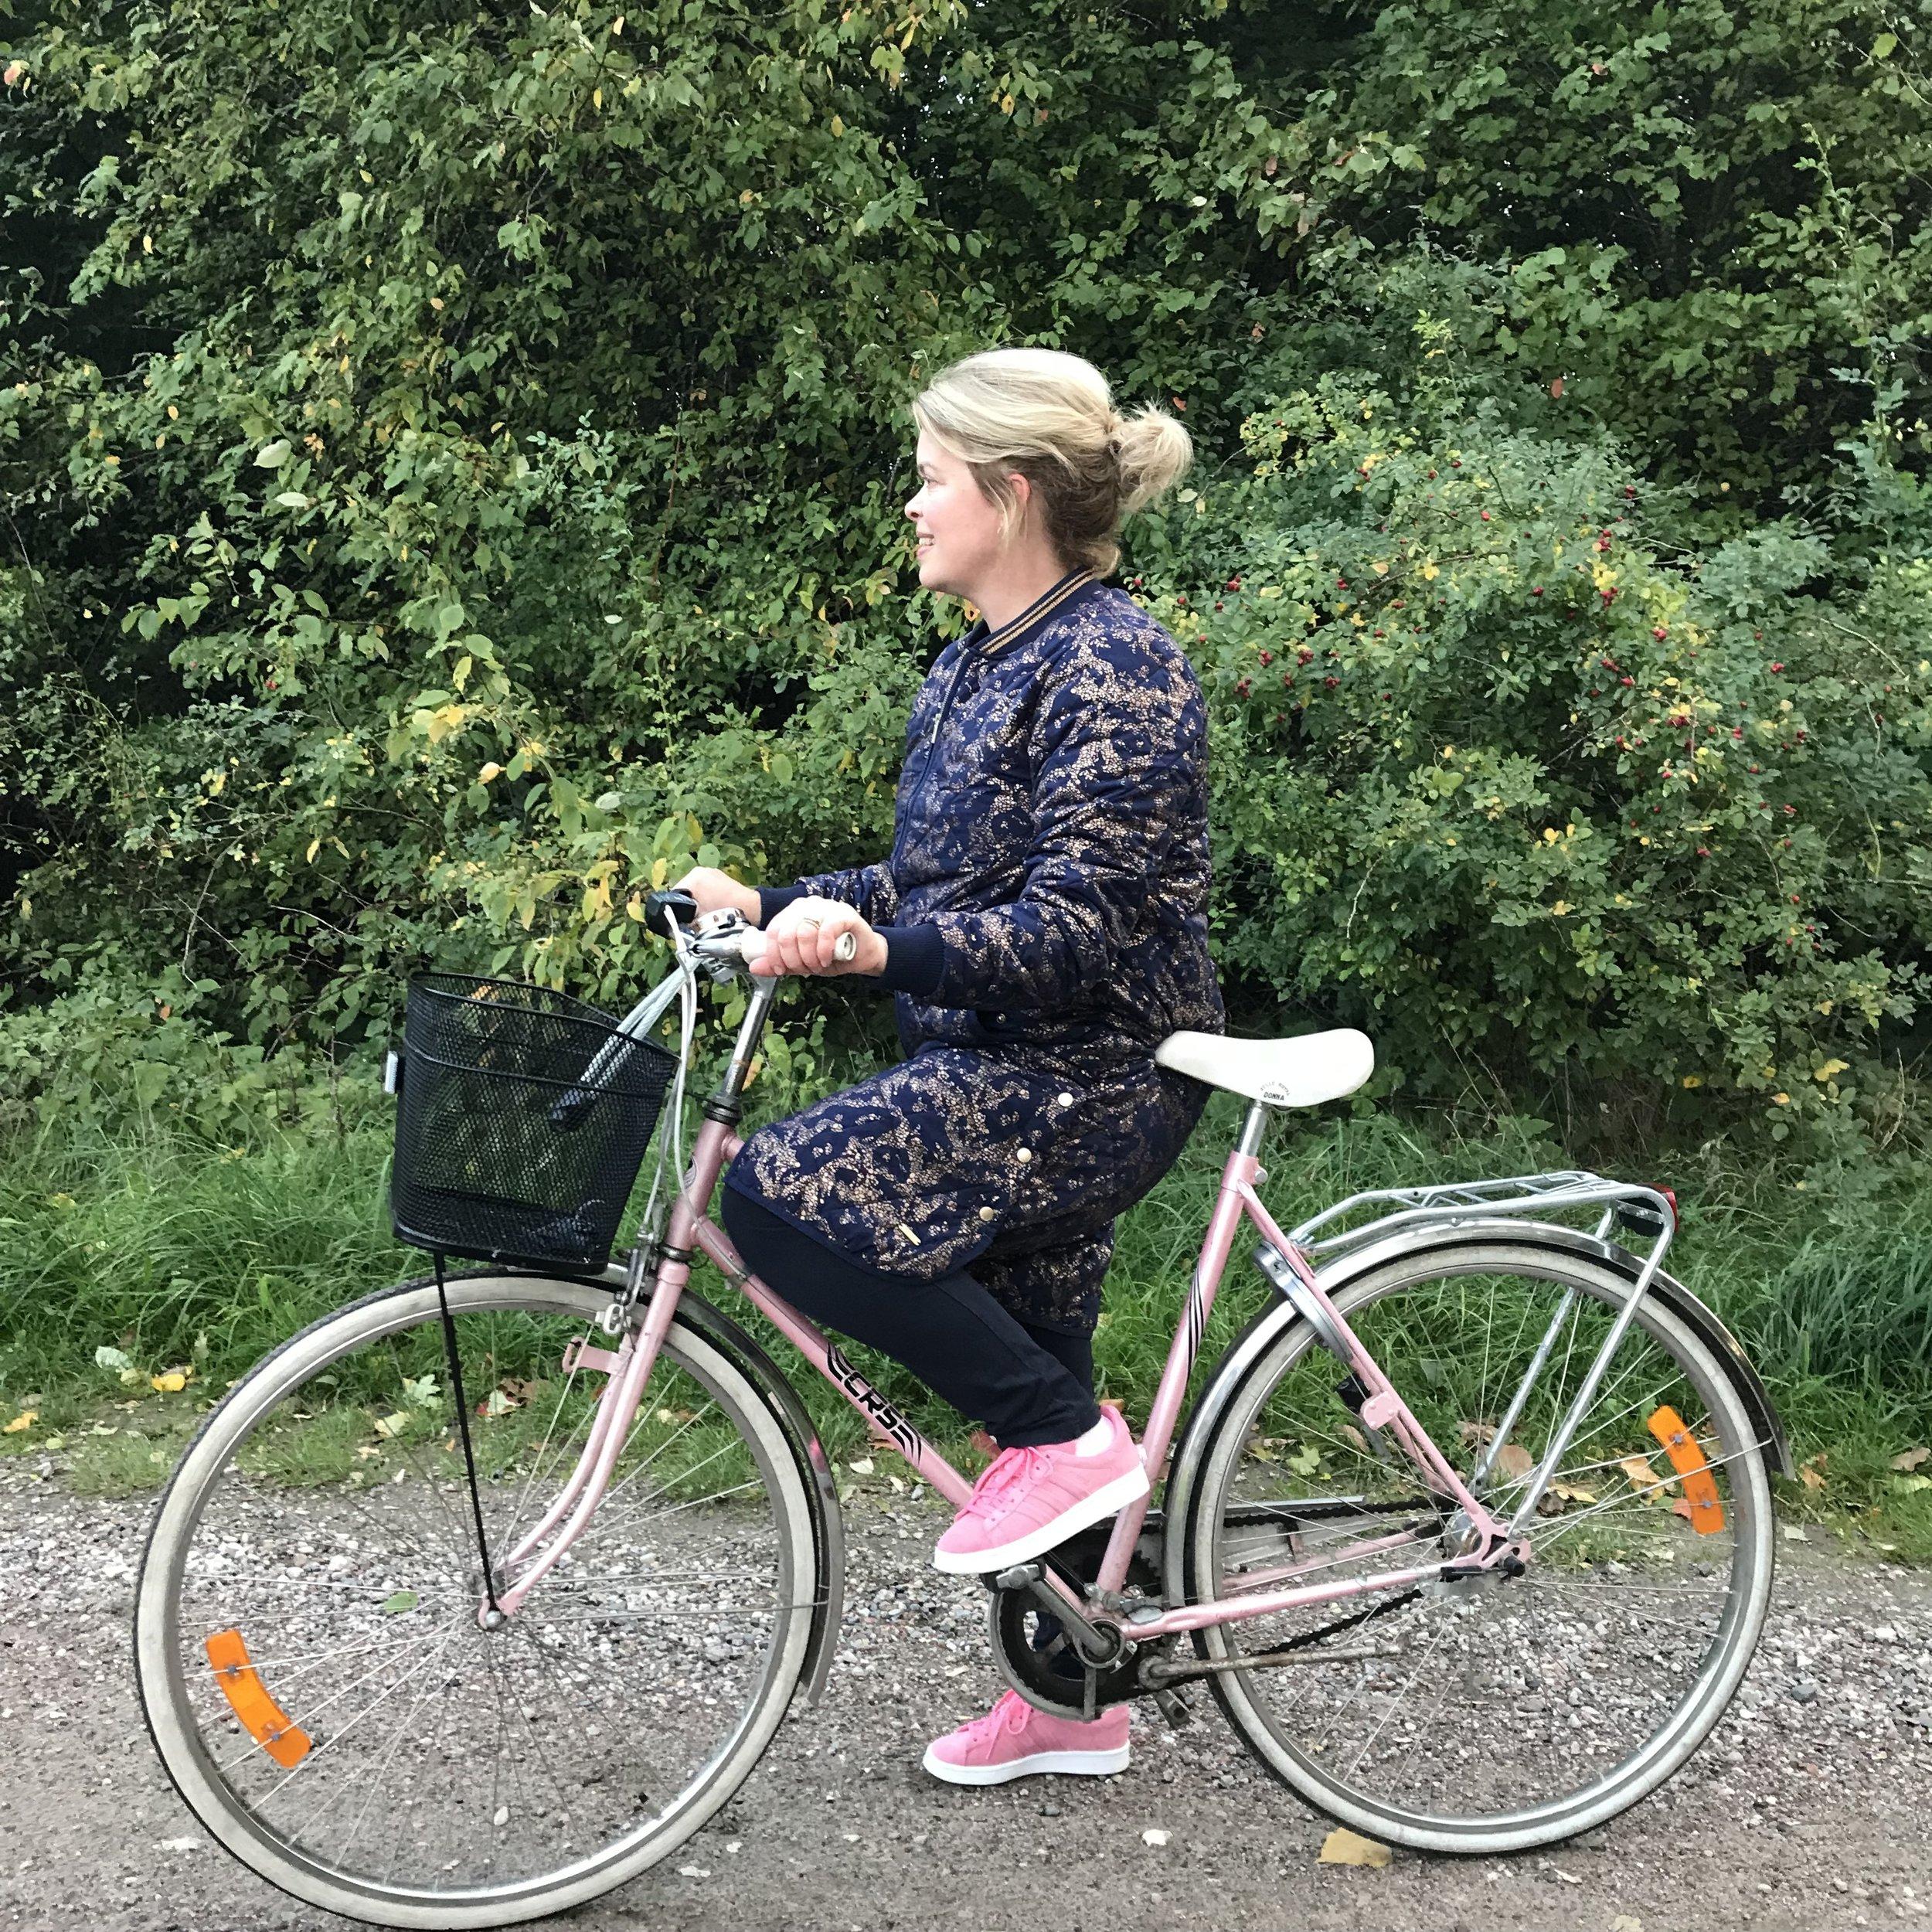 Bike love. 📷 Rikke Hjuler